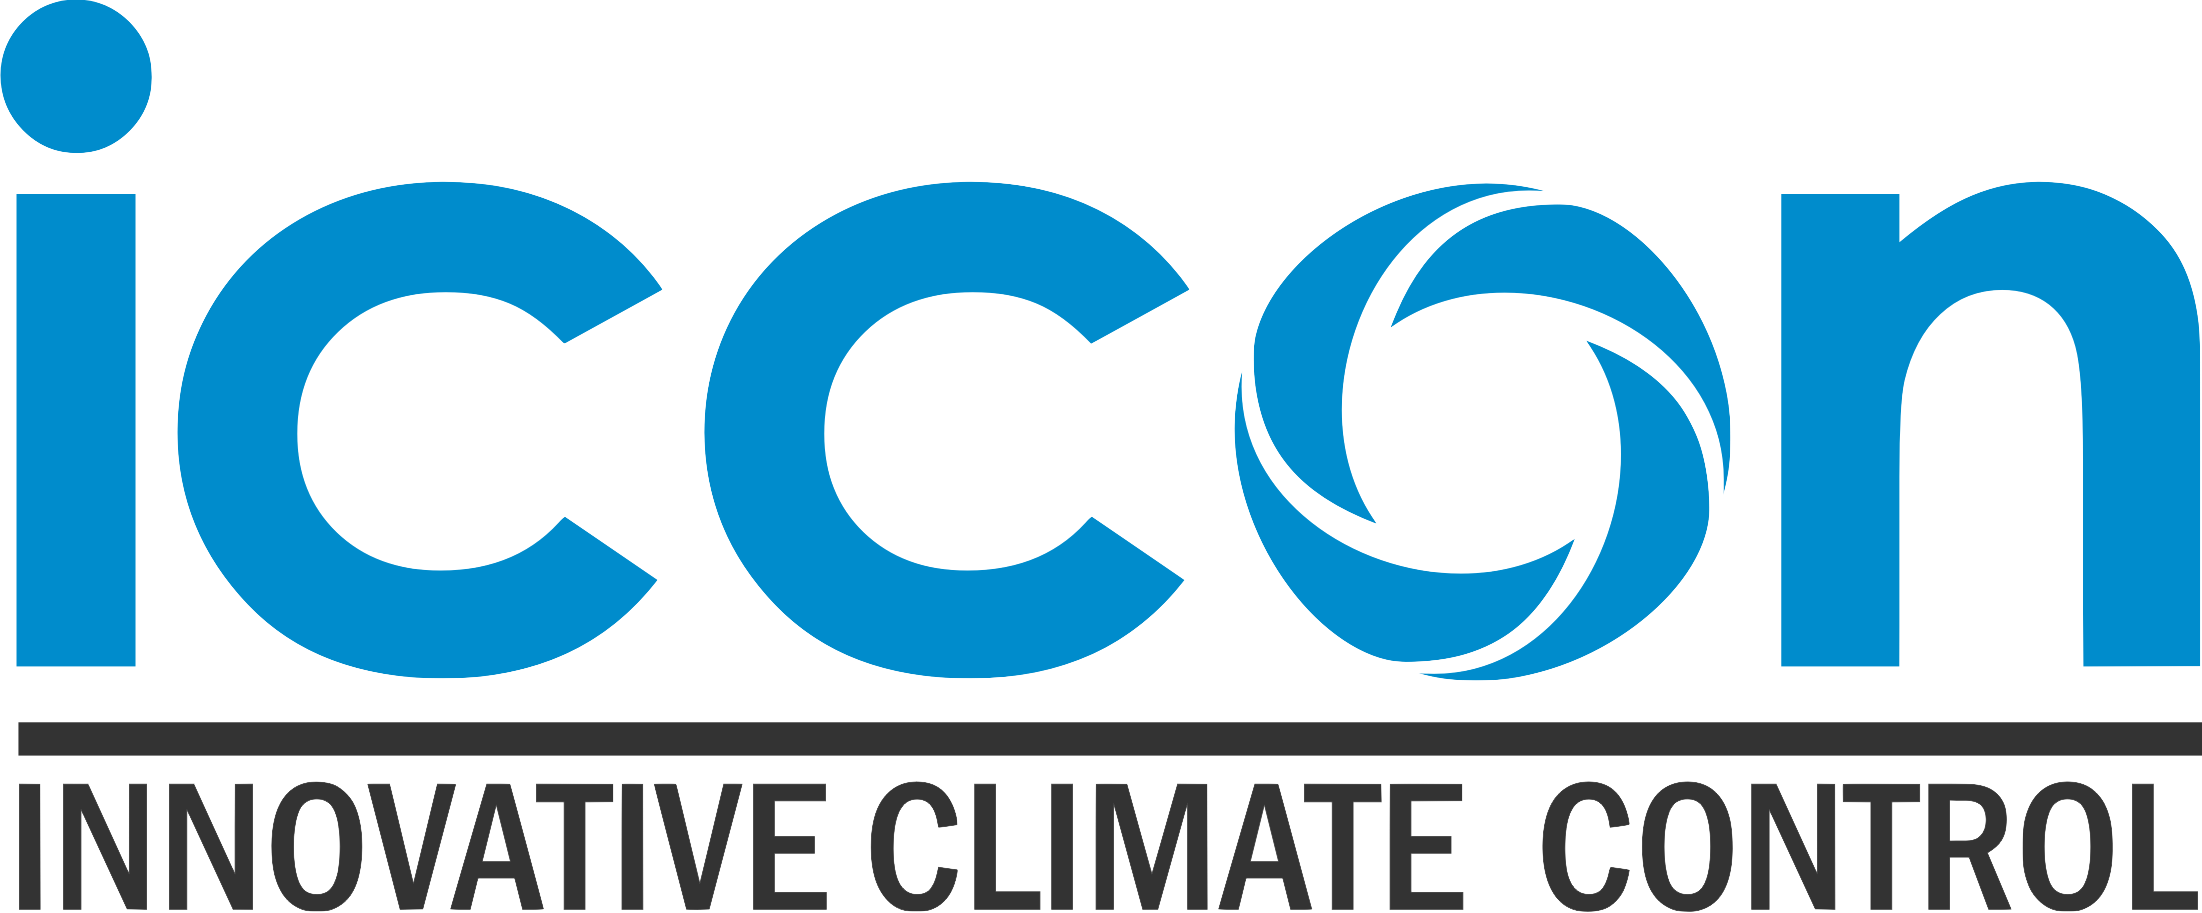 ICC LogoTP